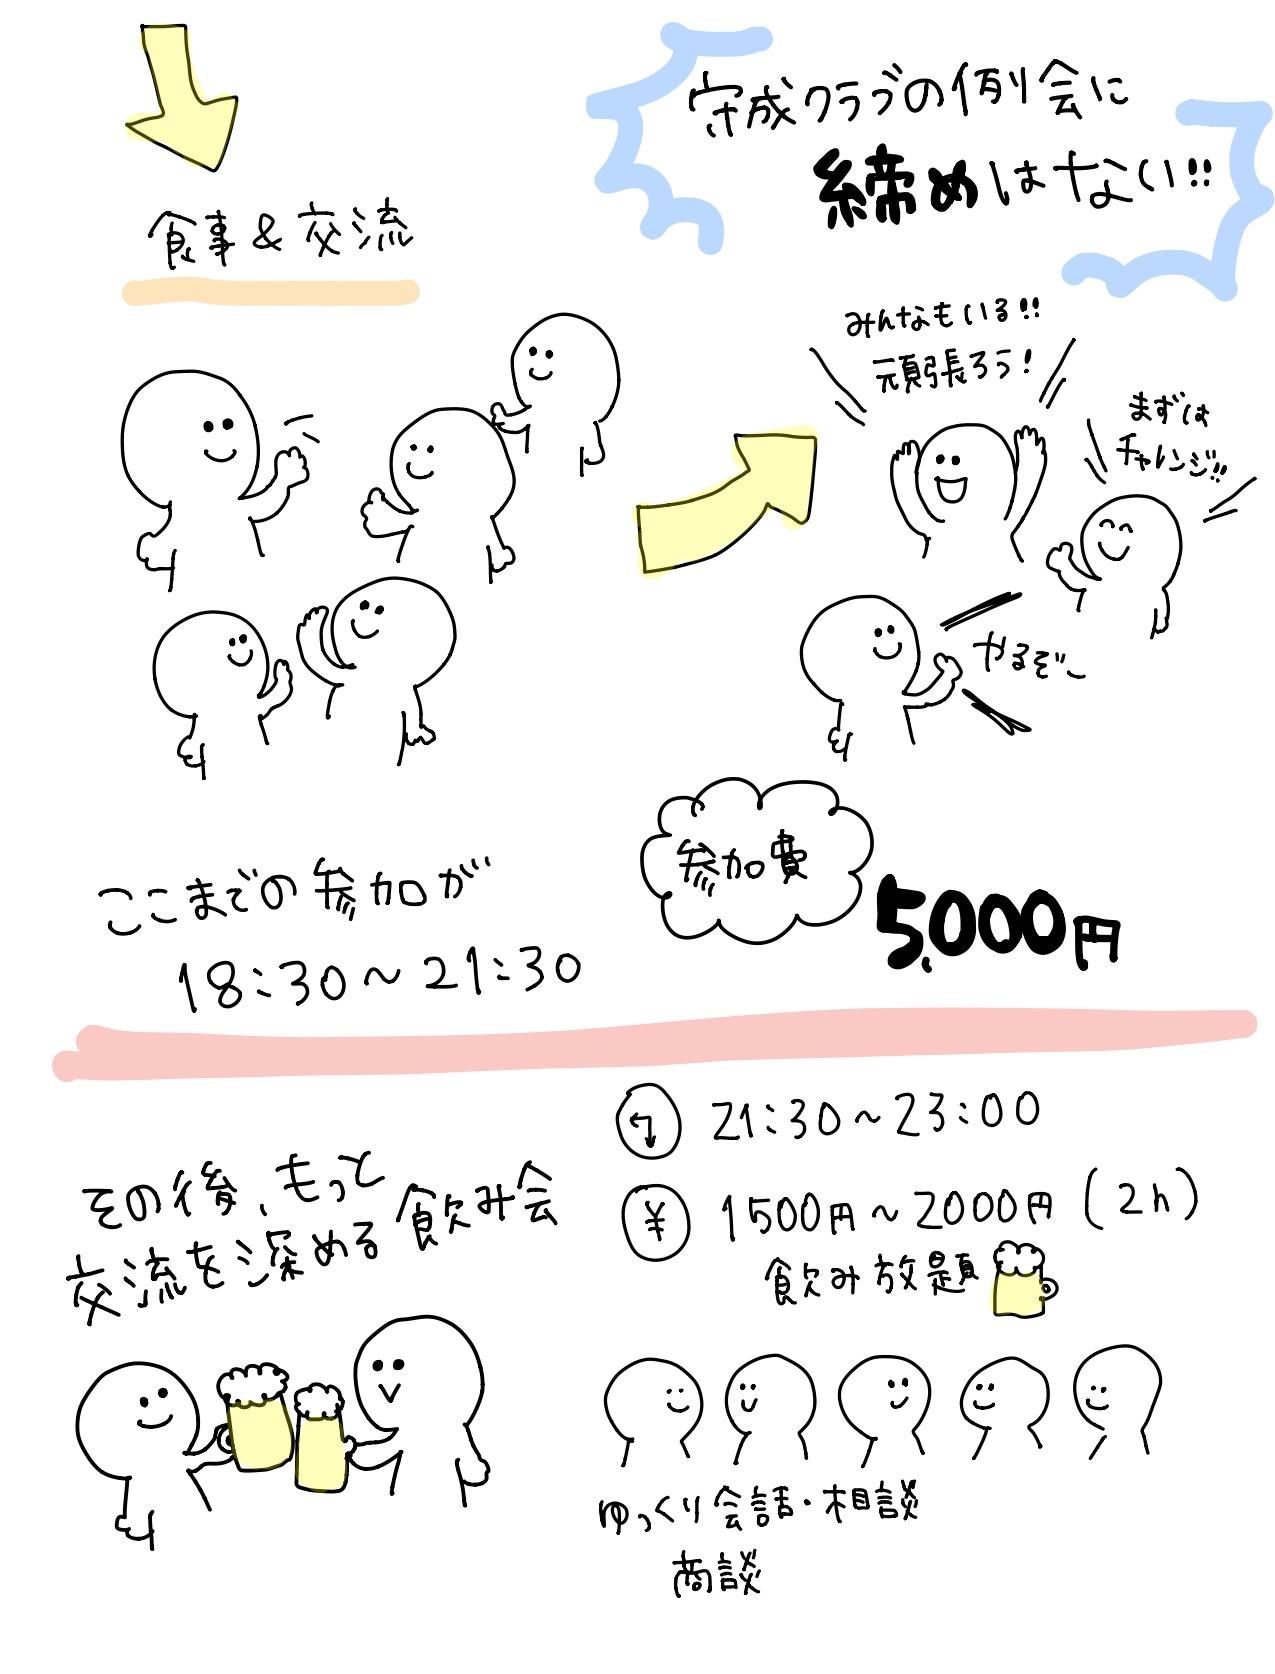 食事&交流。守成クラブの例会に締めは無い!参加費は5000円です。